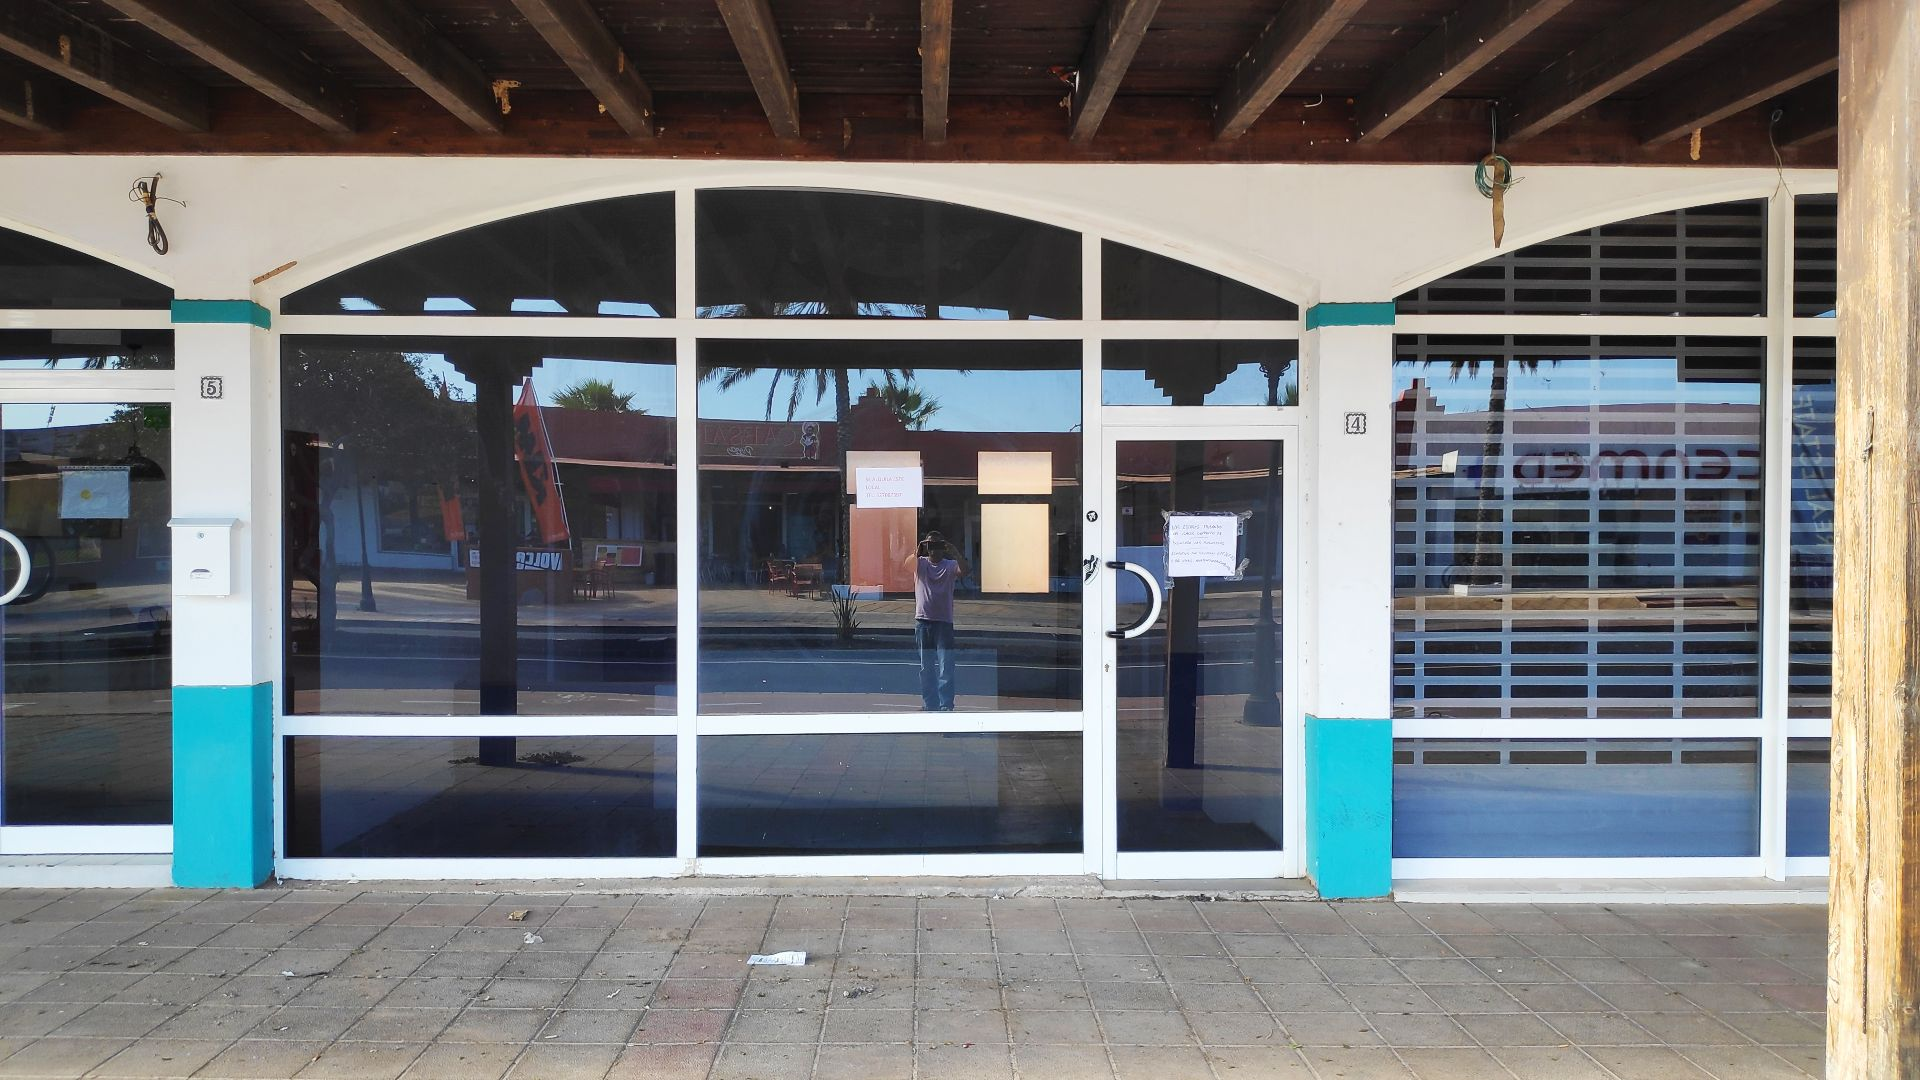 Local comercial en Corralejo, alquiler